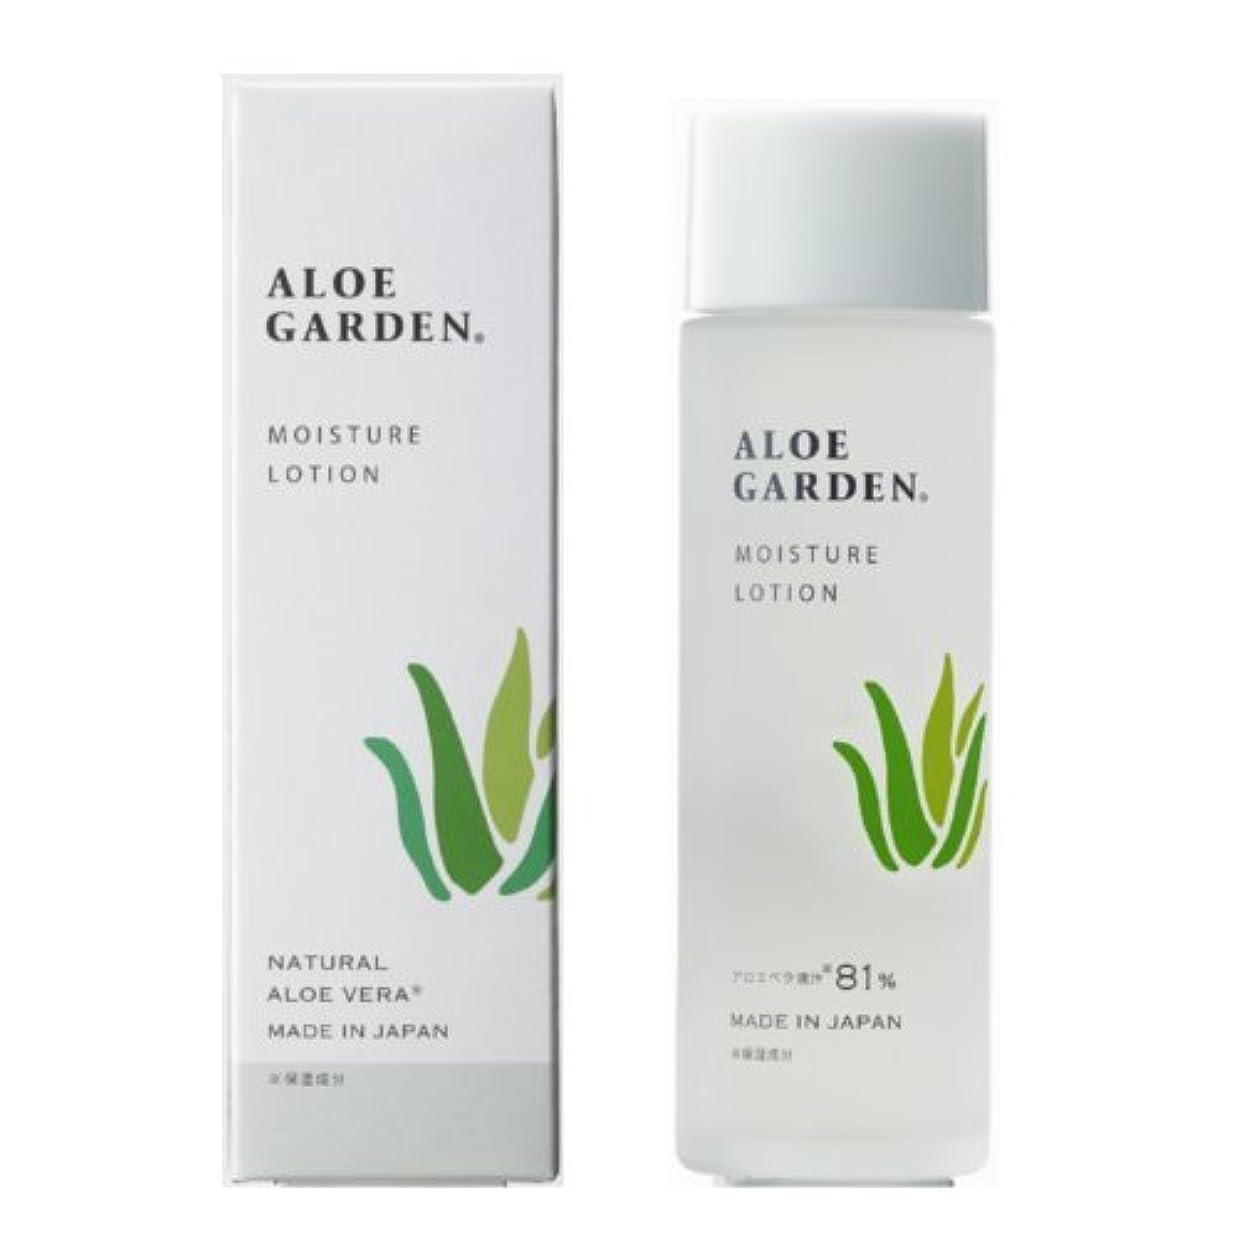 【アロエ化粧水】アロエガーデン 化粧水 アロエベラ液汁※ 81%配合 100ml ※保湿成分